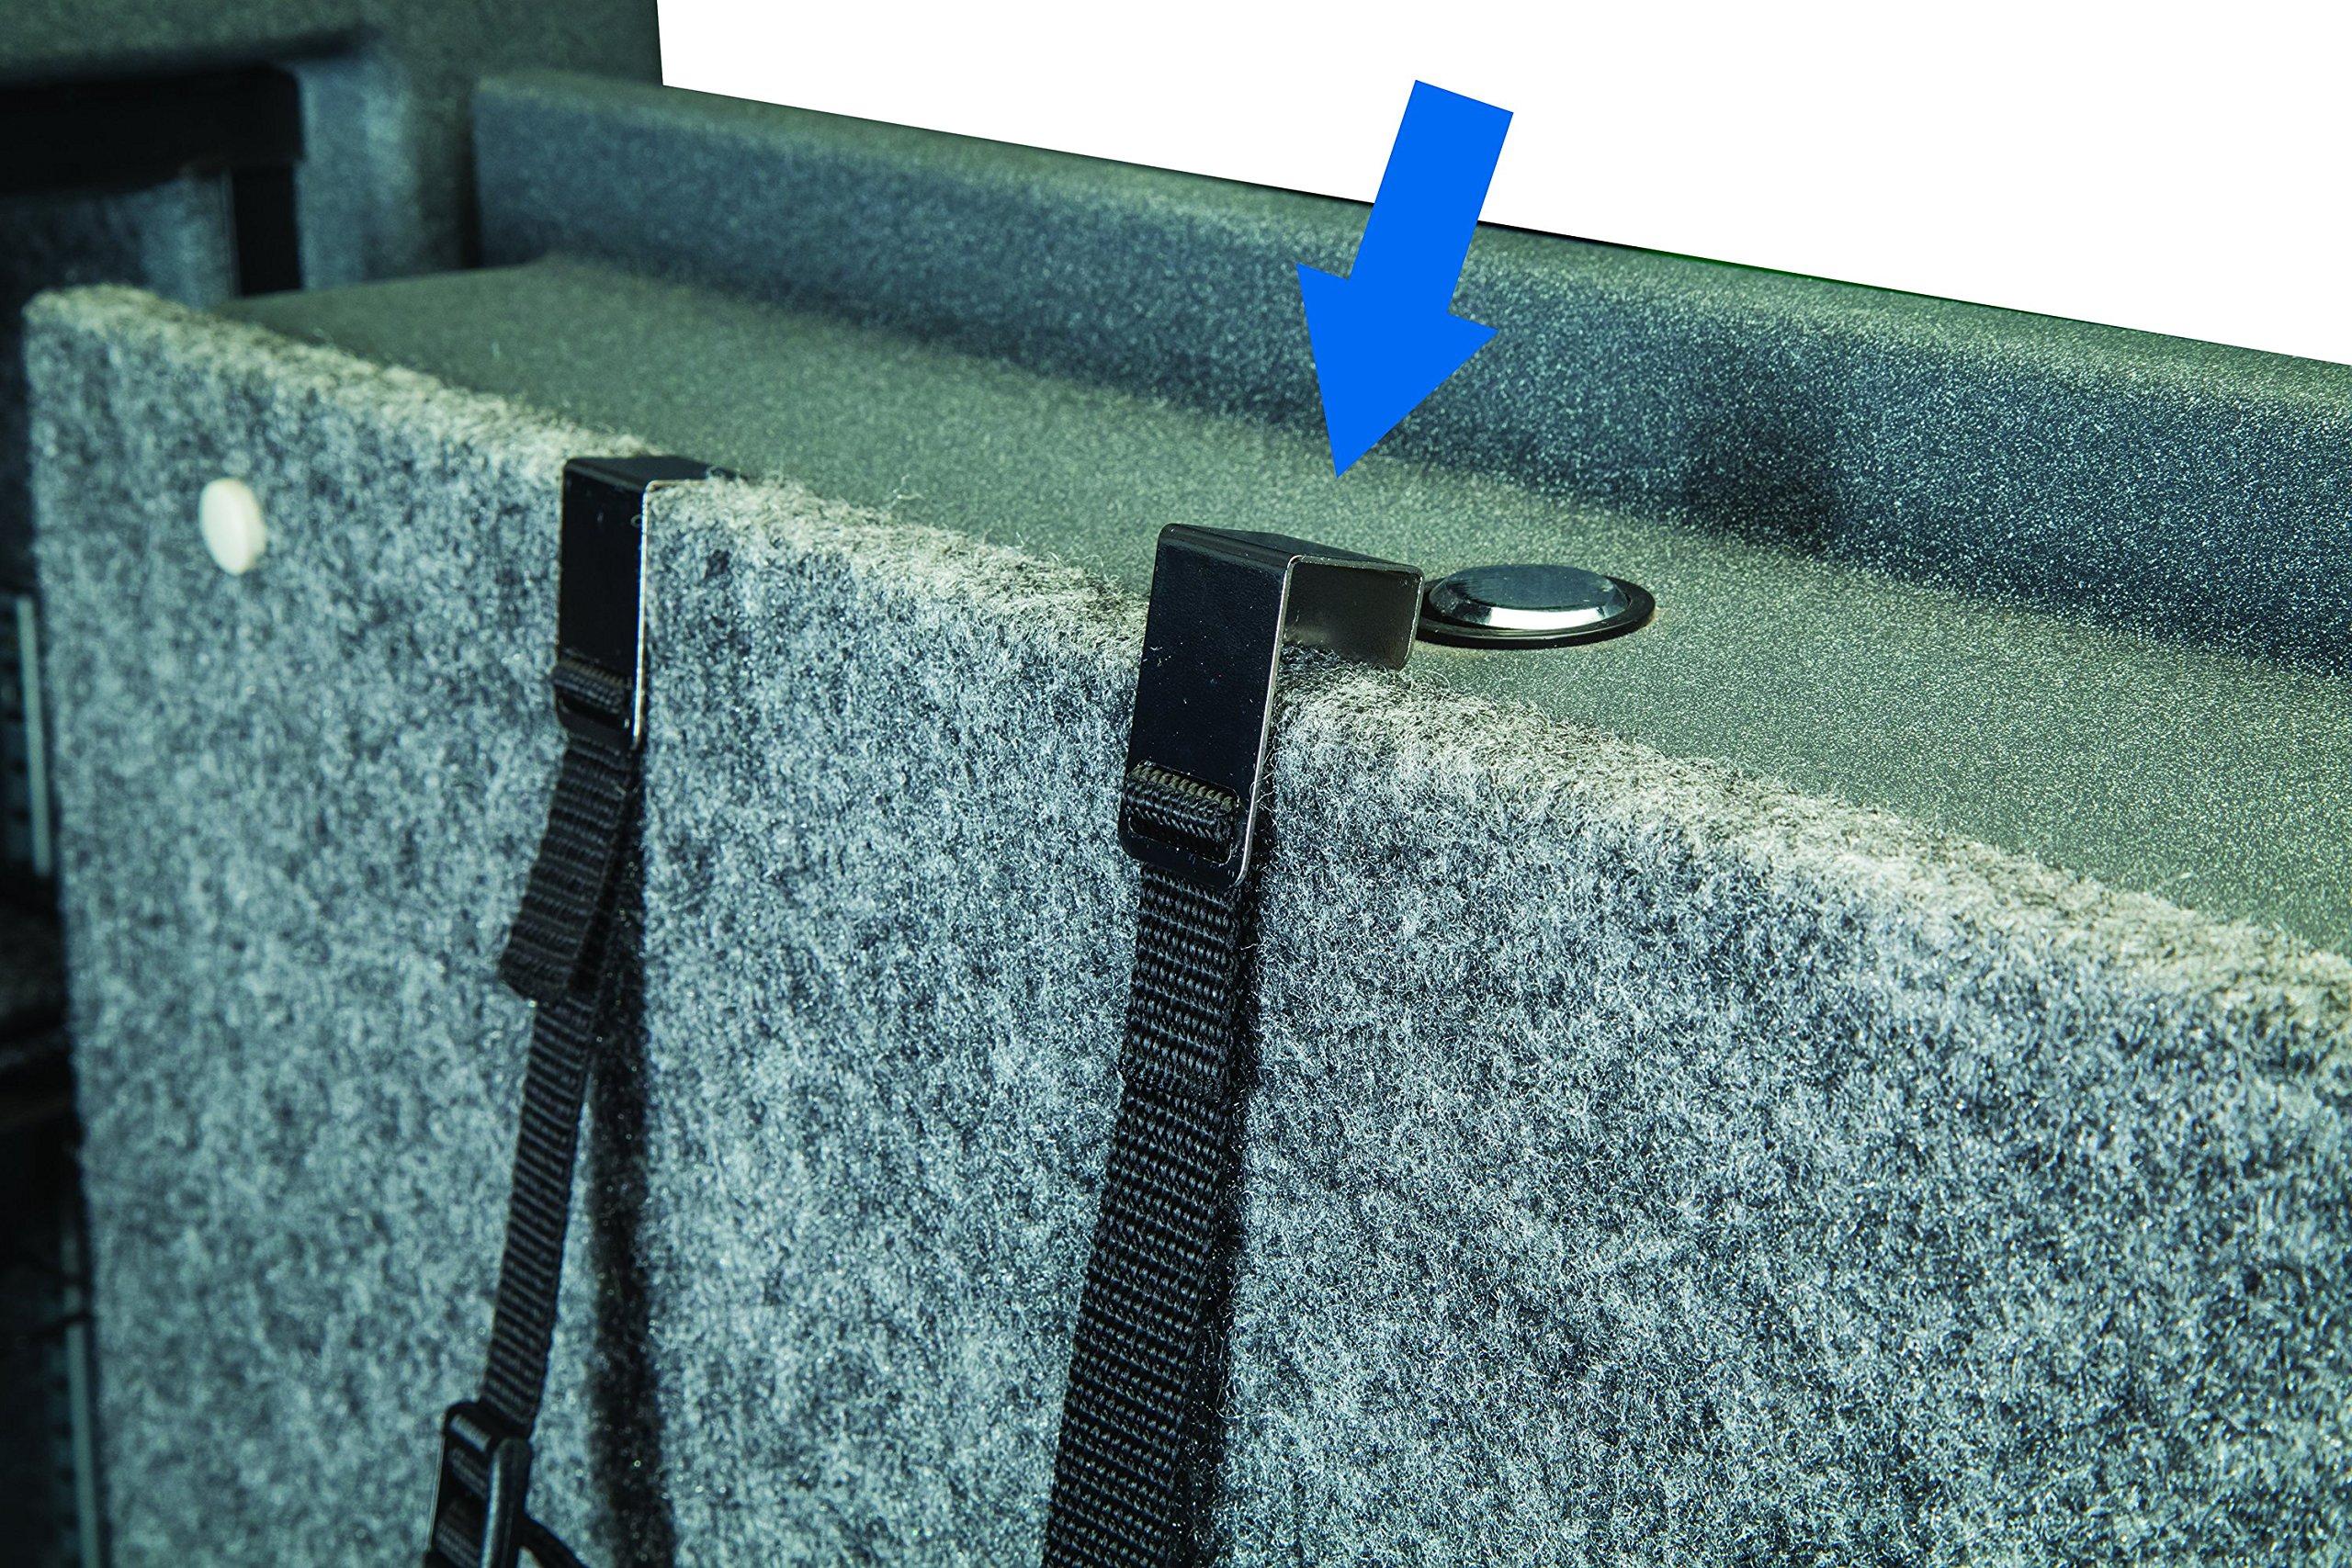 LOCKDOWN Handgun/Tactical Rifle Upper Hanger Gun Safe Organizer by LOCKDOWN (Image #3)